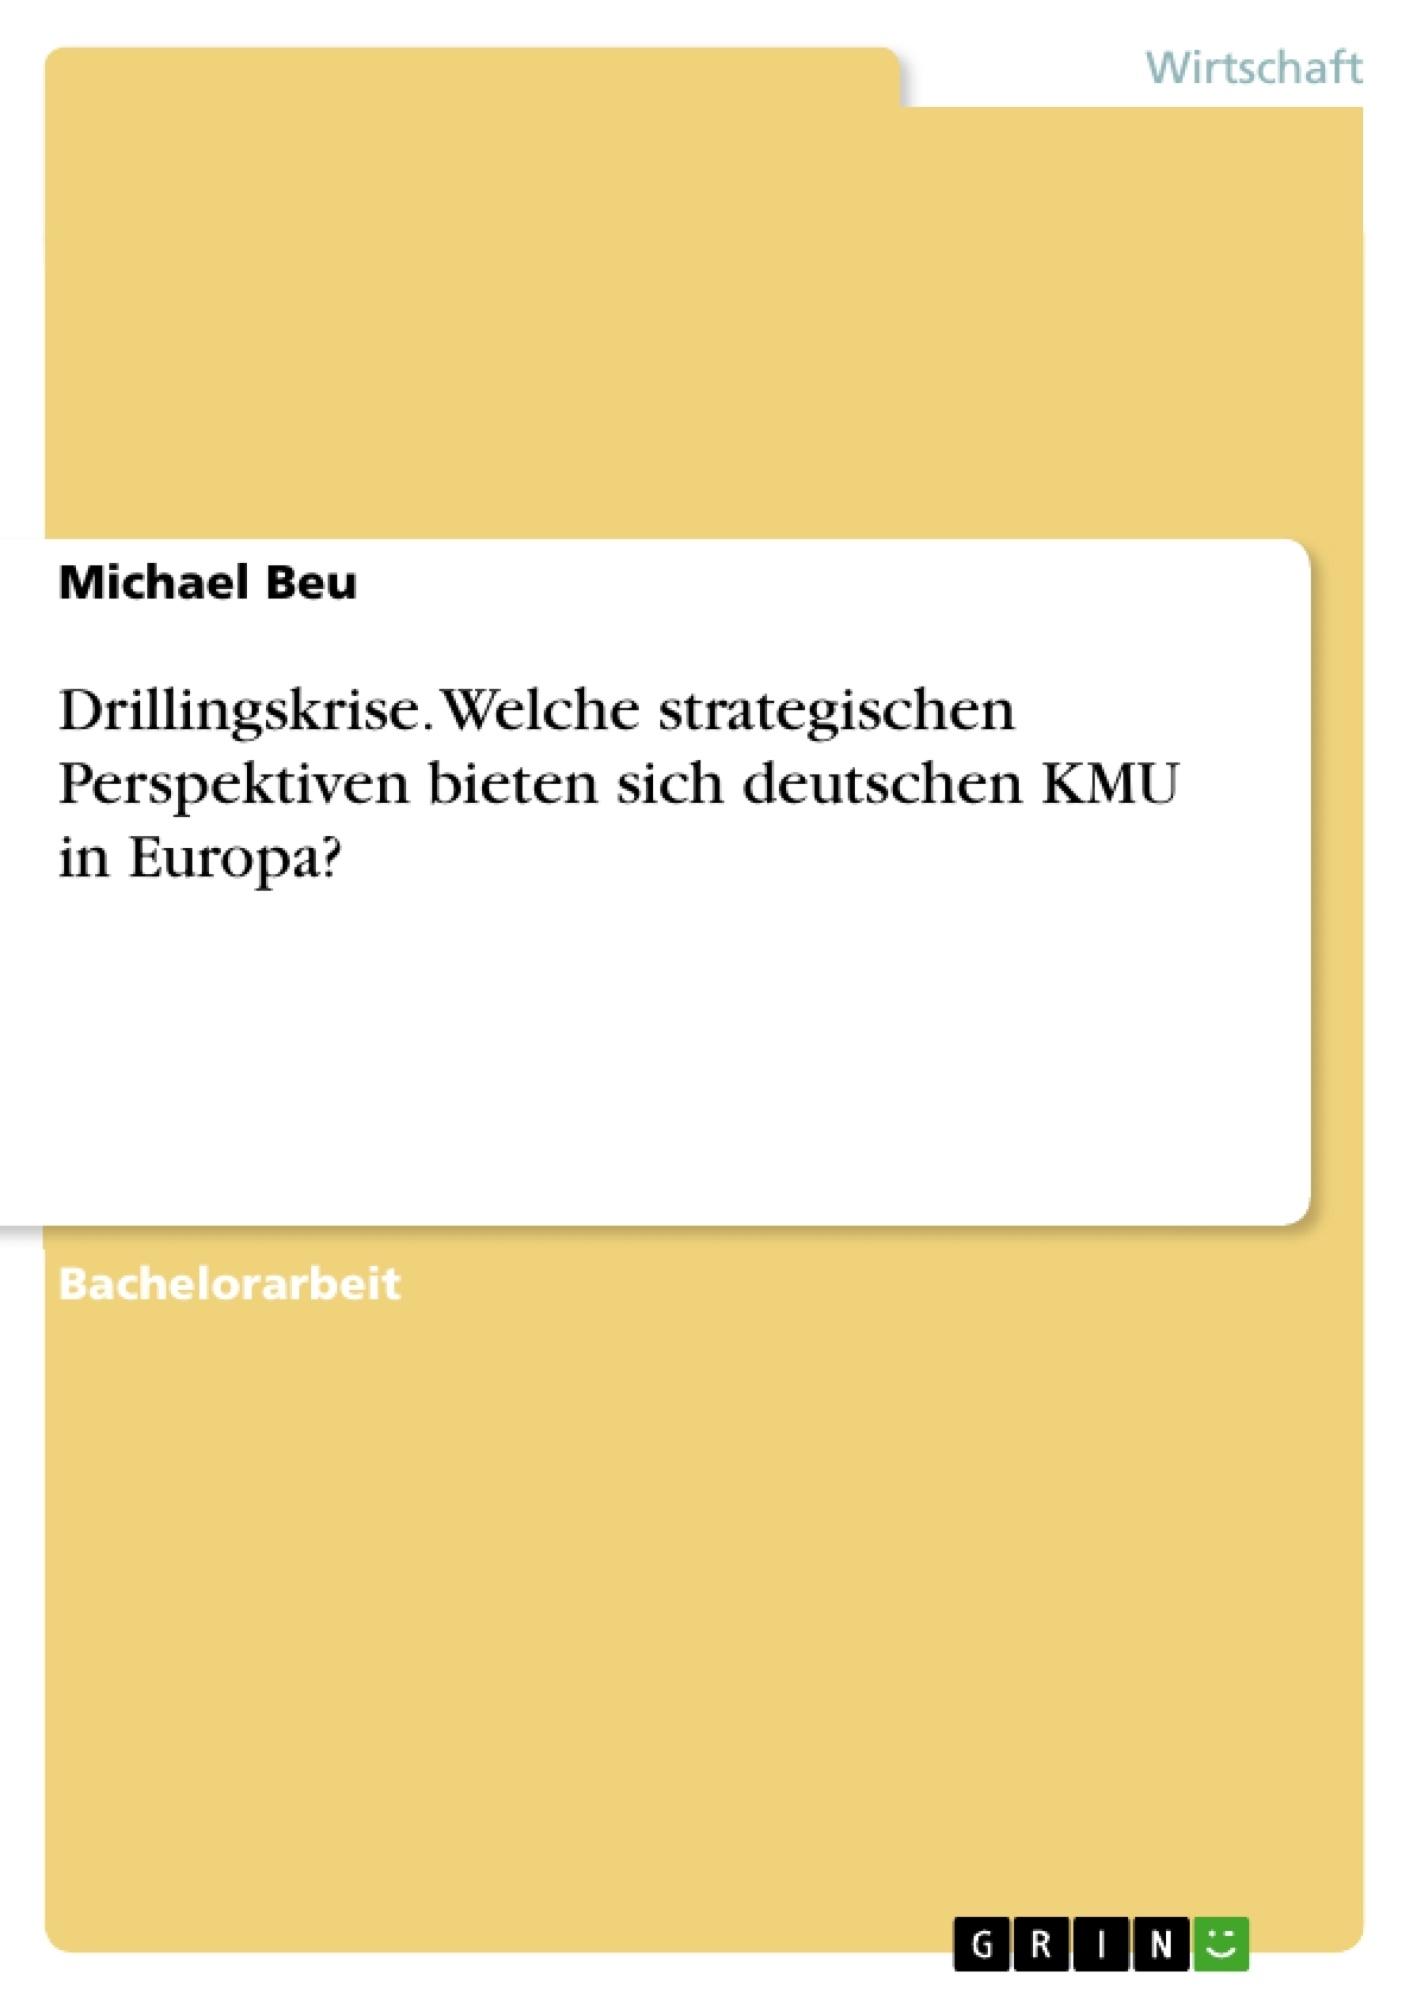 Titel: Drillingskrise. Welche strategischen Perspektiven bieten sich deutschen KMU in Europa?